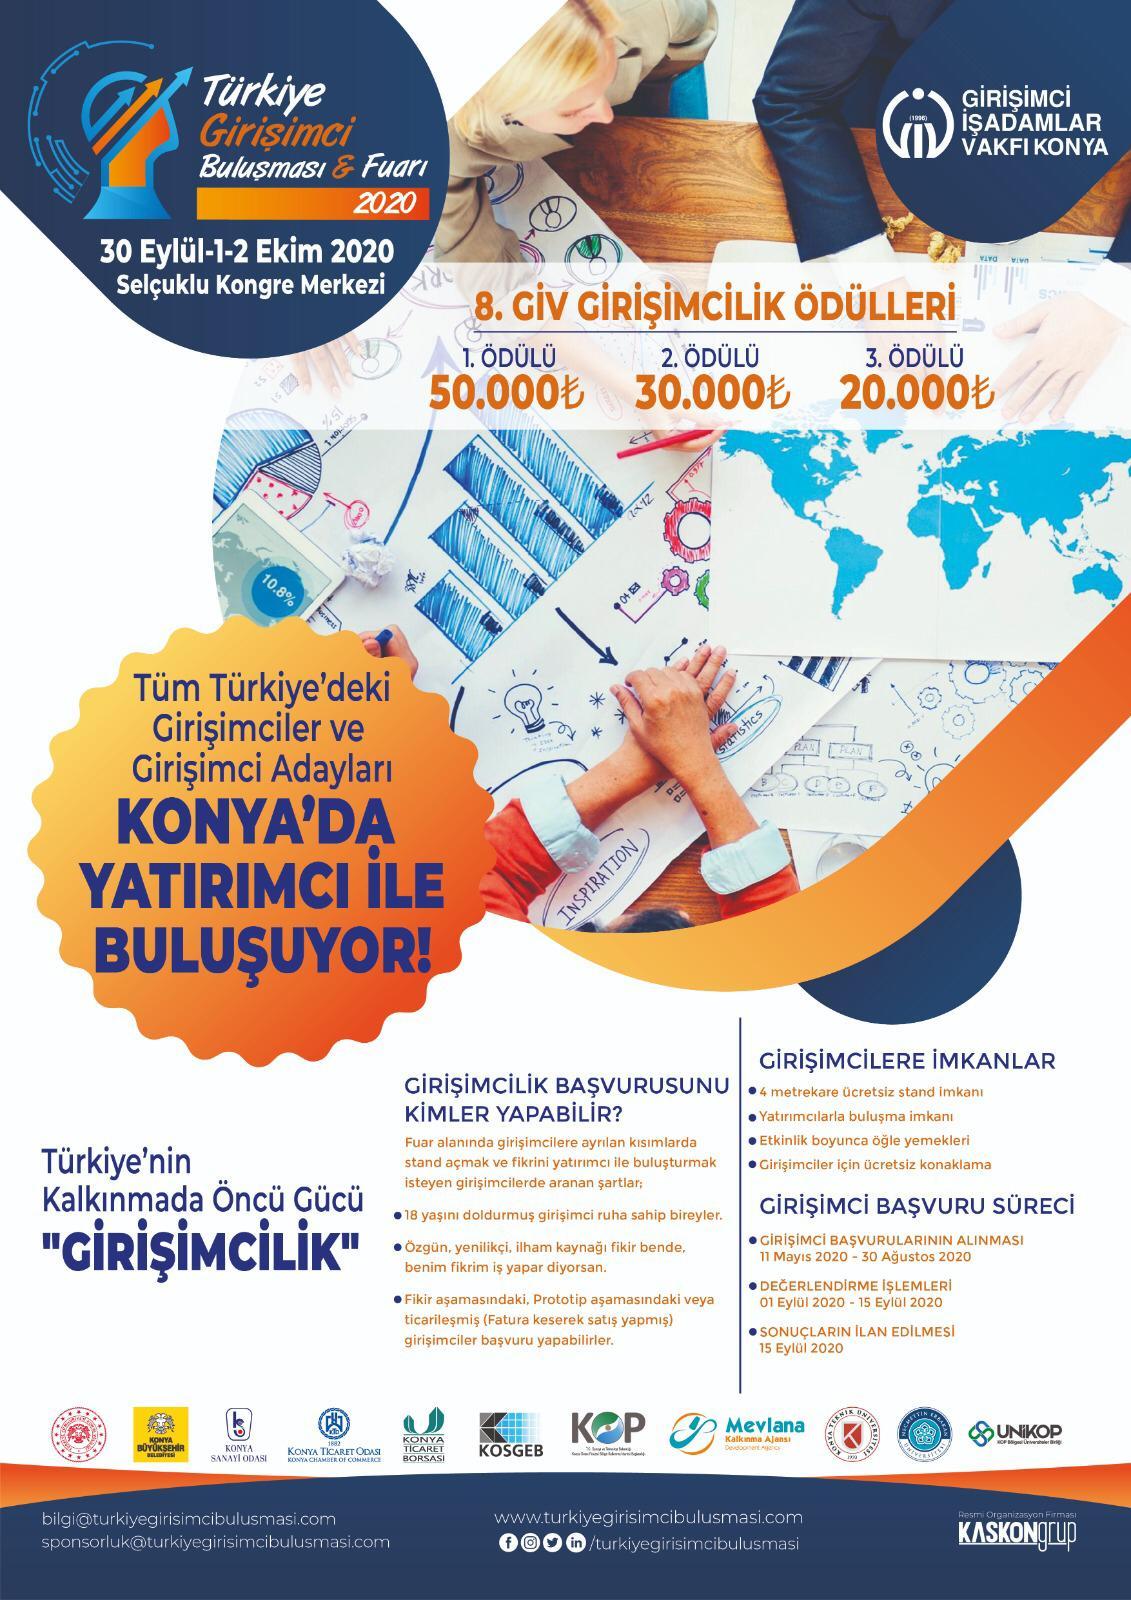 Türkiye Girişimci Buluşması ve Fuarı 30 Eylülde Konya ev sahipliğinde başlıyor.